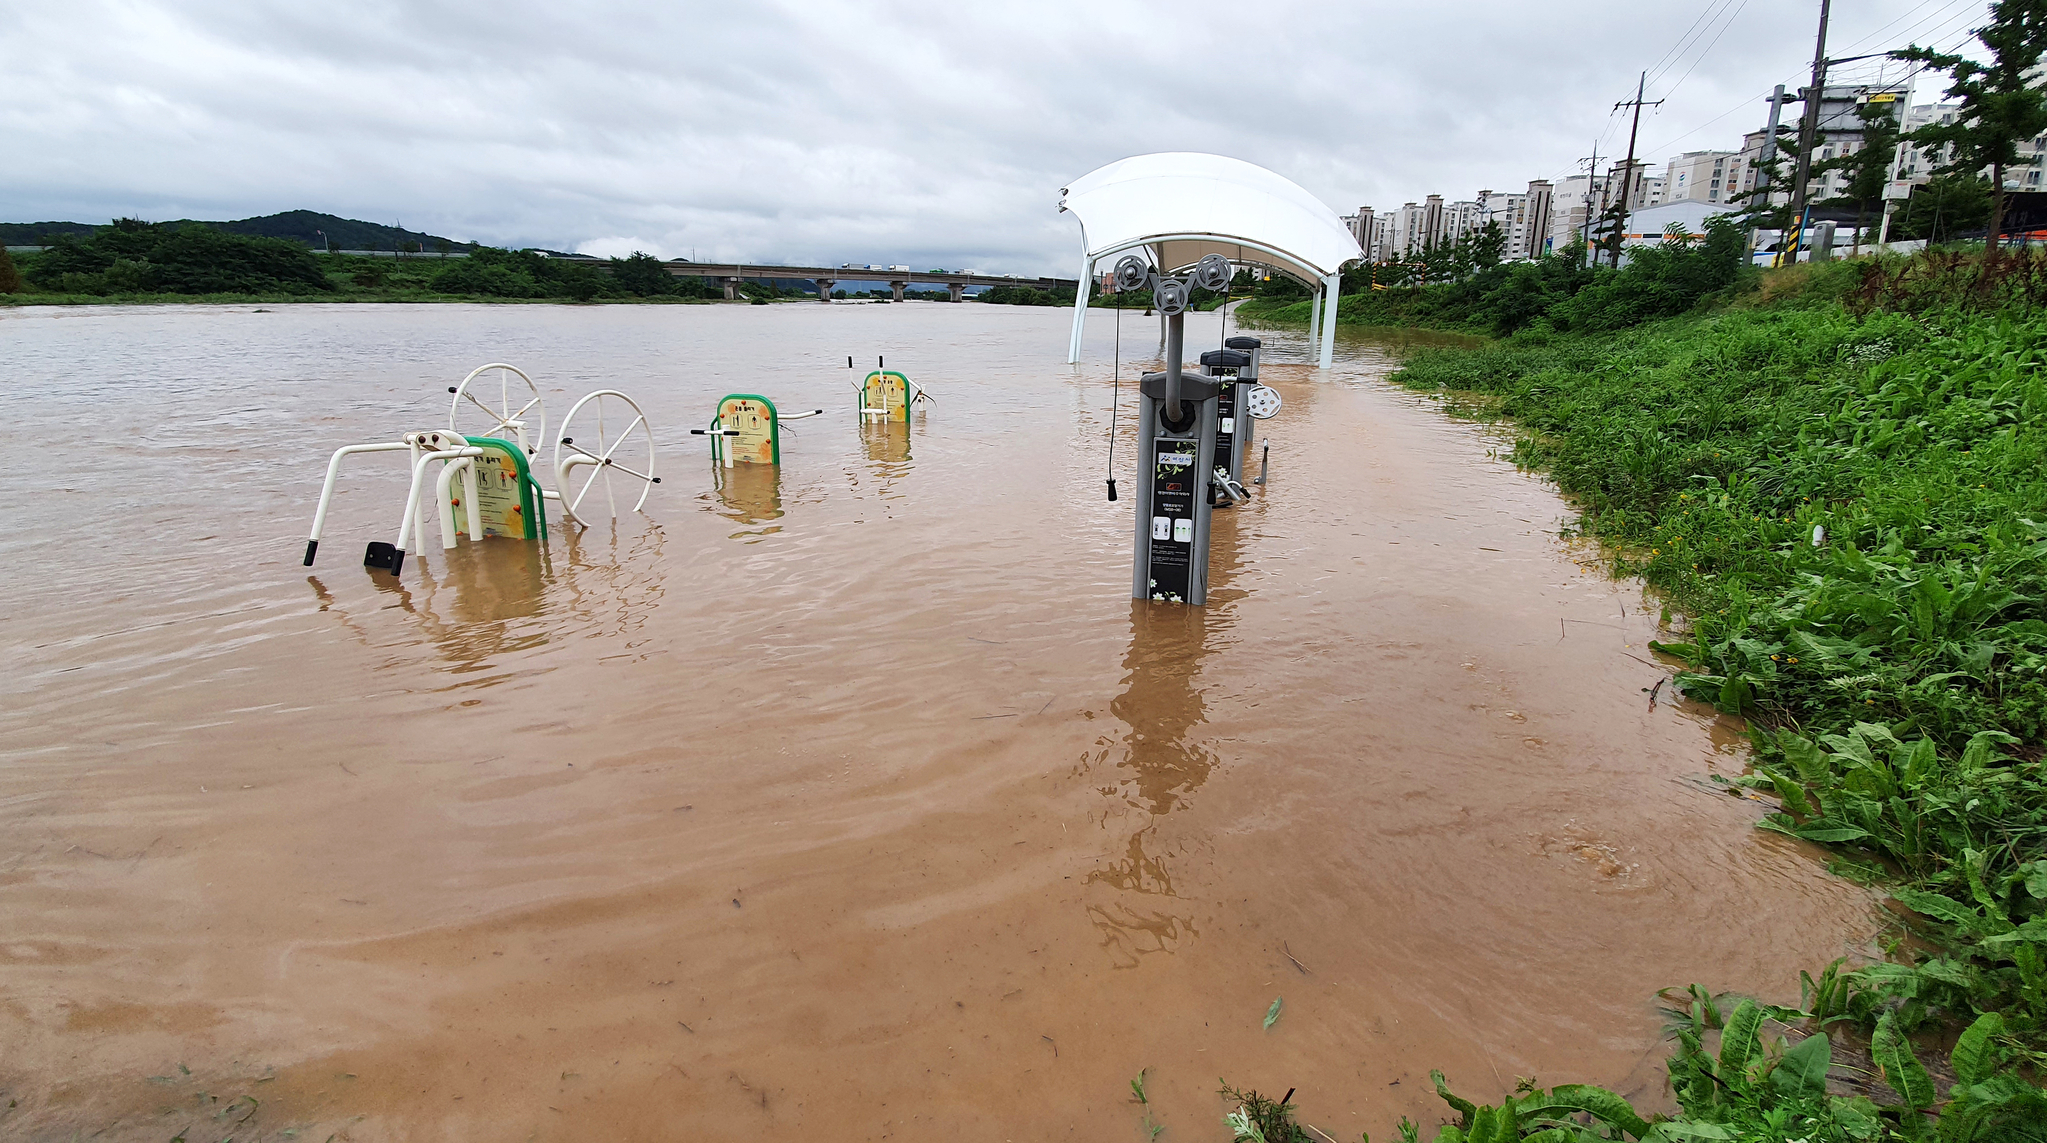 [속보] 아산서 폭우에 휩쓸려 실종됐던 50대 숨진 채 발견